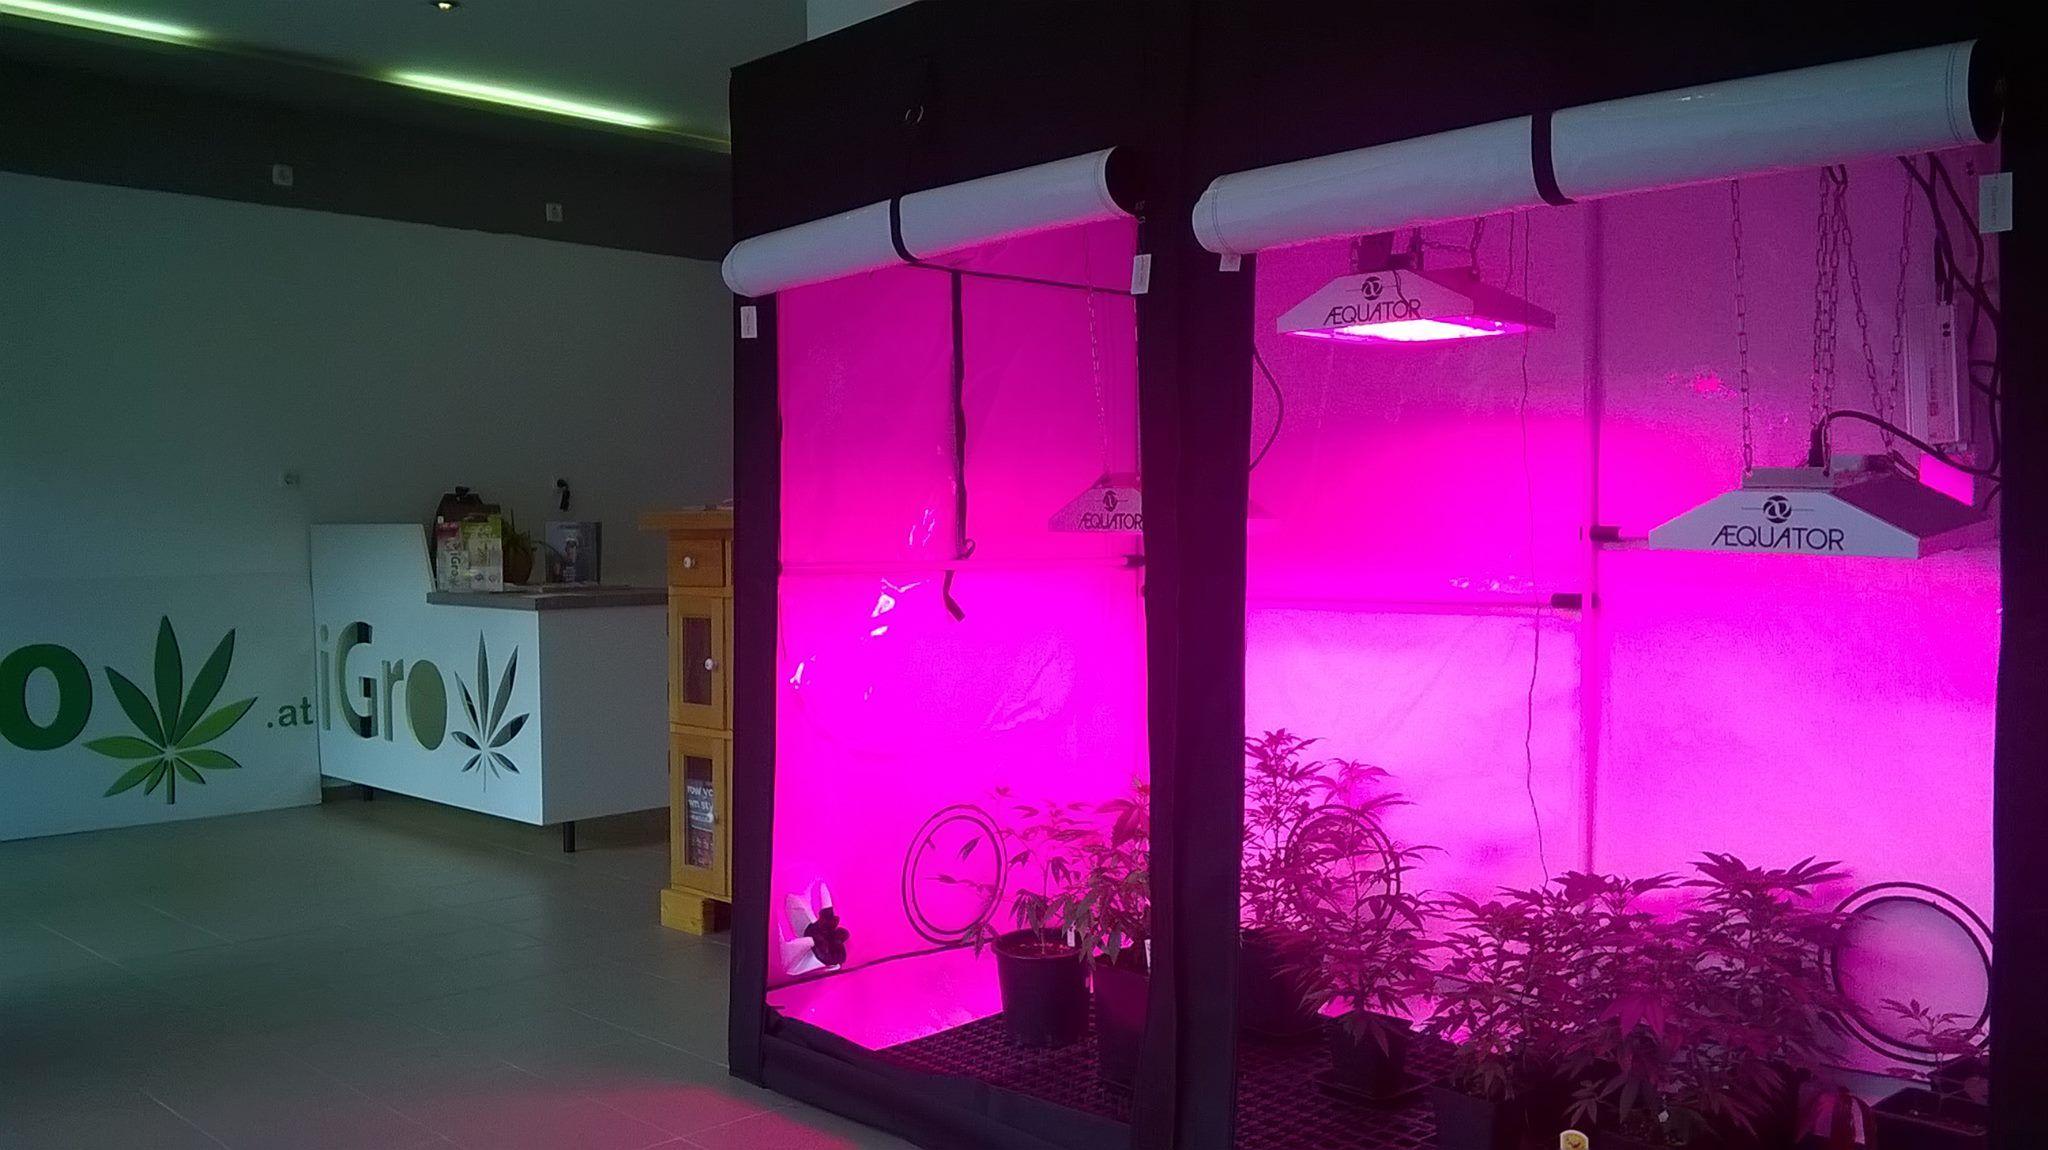 Www Igrow At Stecklinge Growshop Wien Linz Hanf Led Pflanzenlampe Gewachshaus Gartenbau